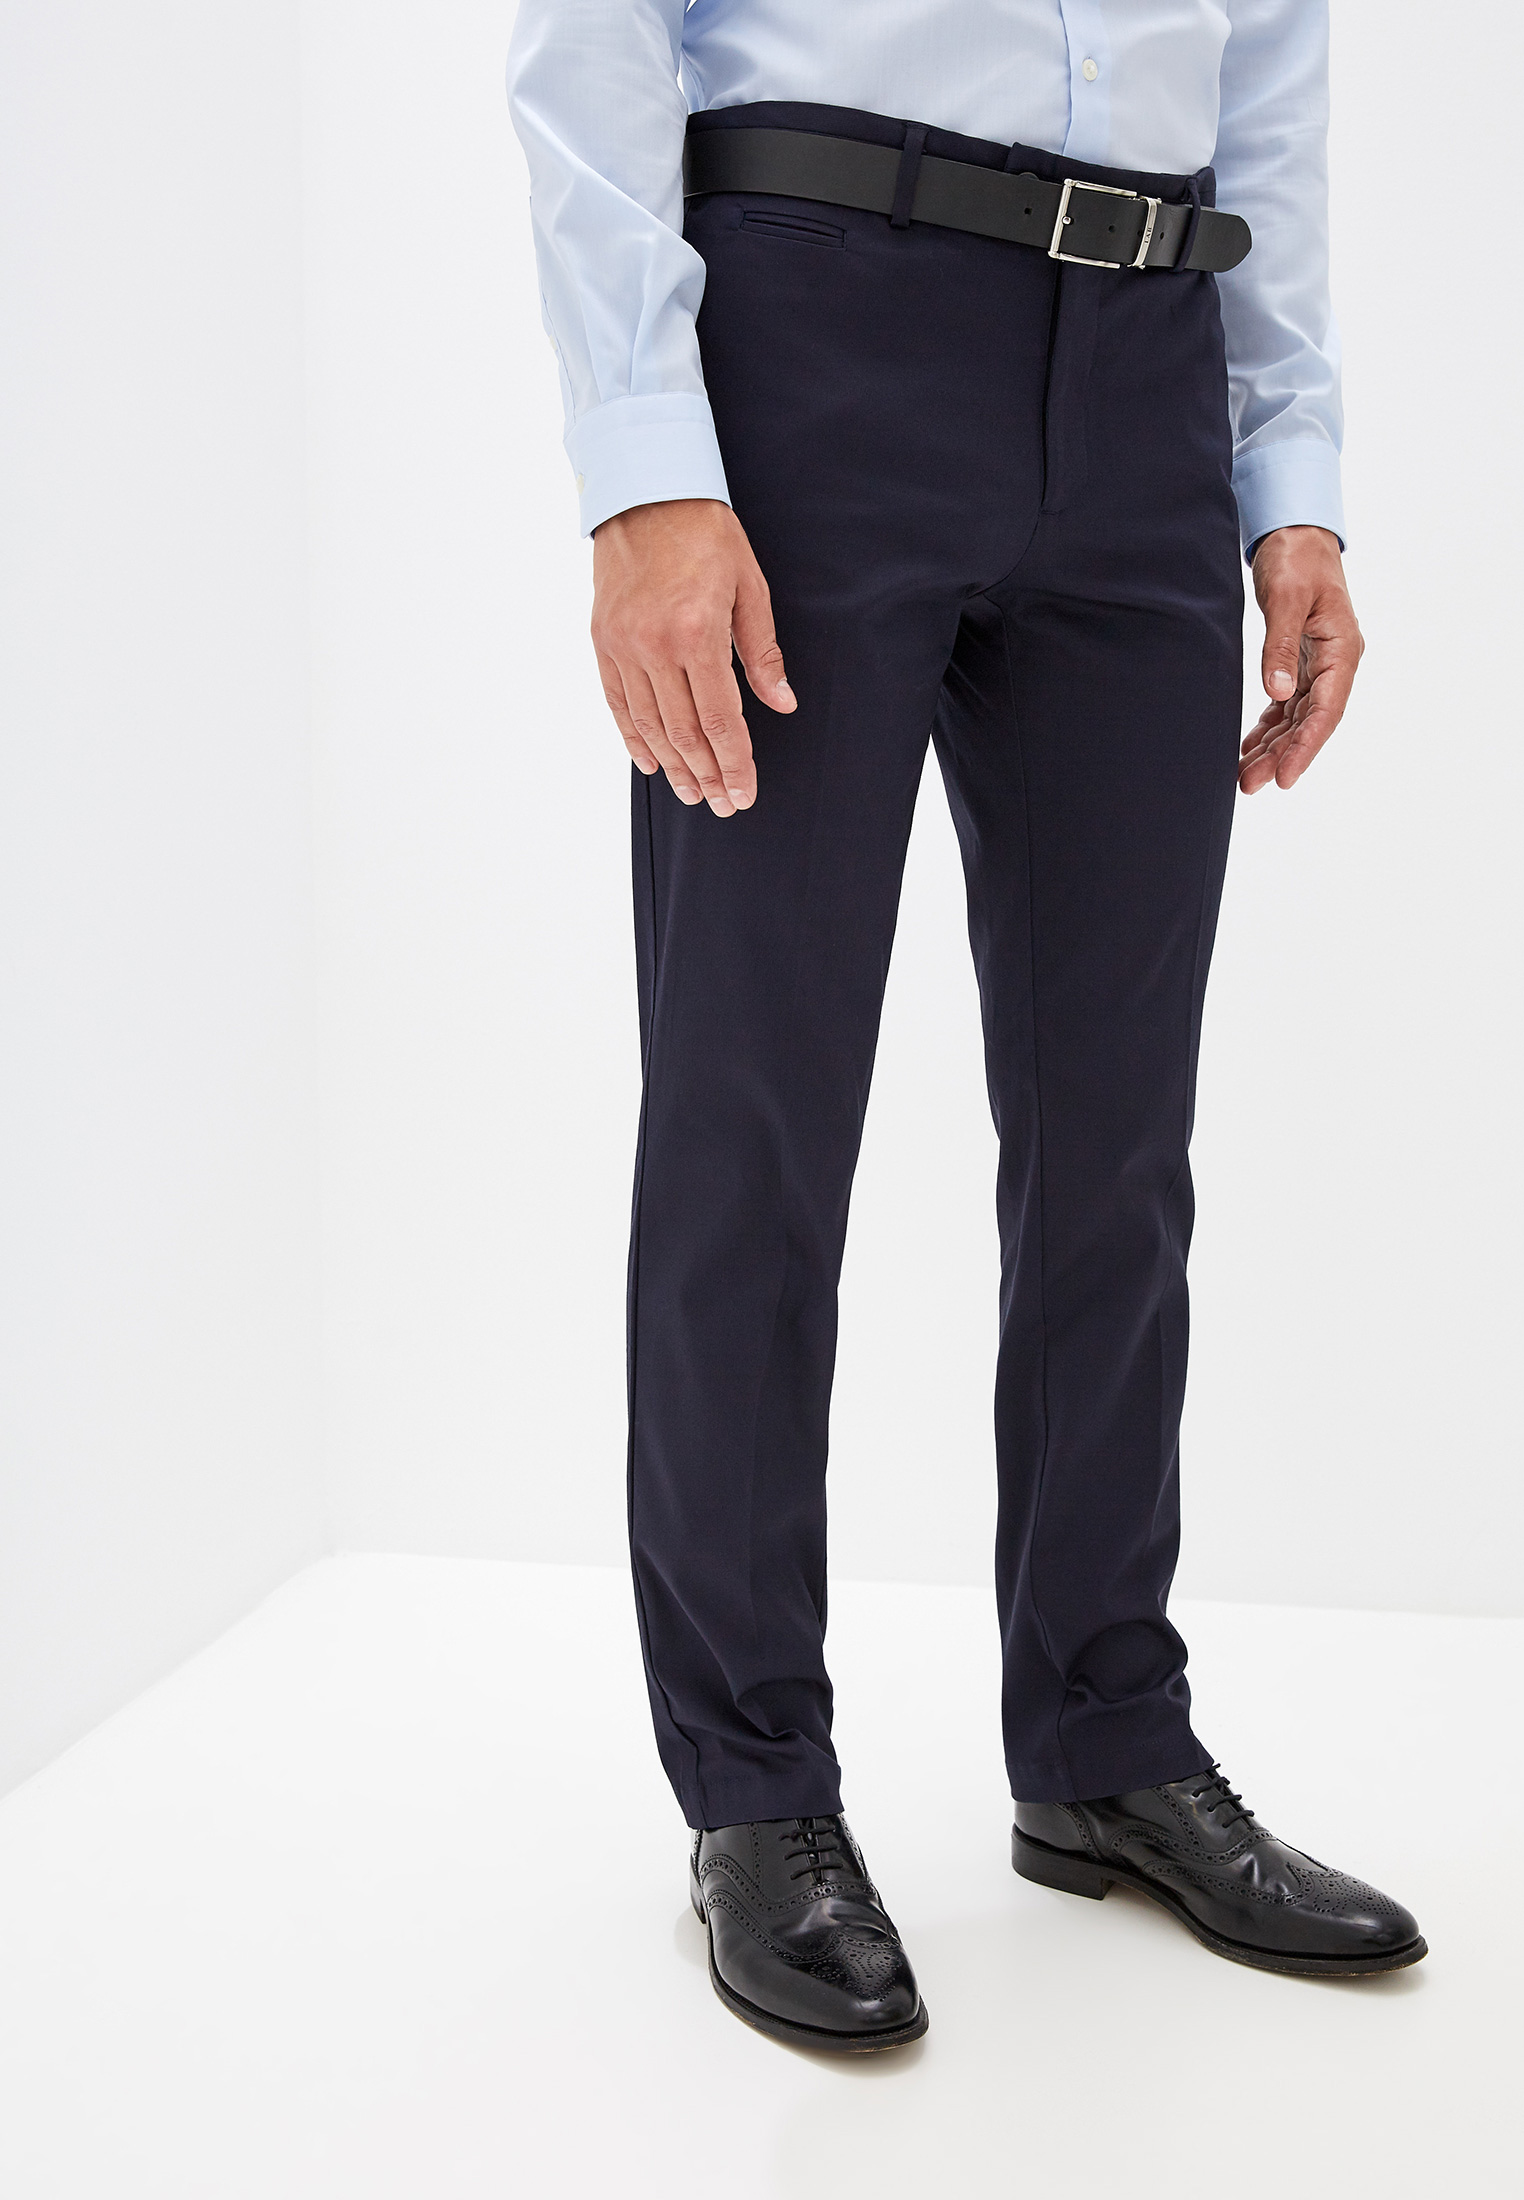 Мужские классические брюки O'stin MP9V42